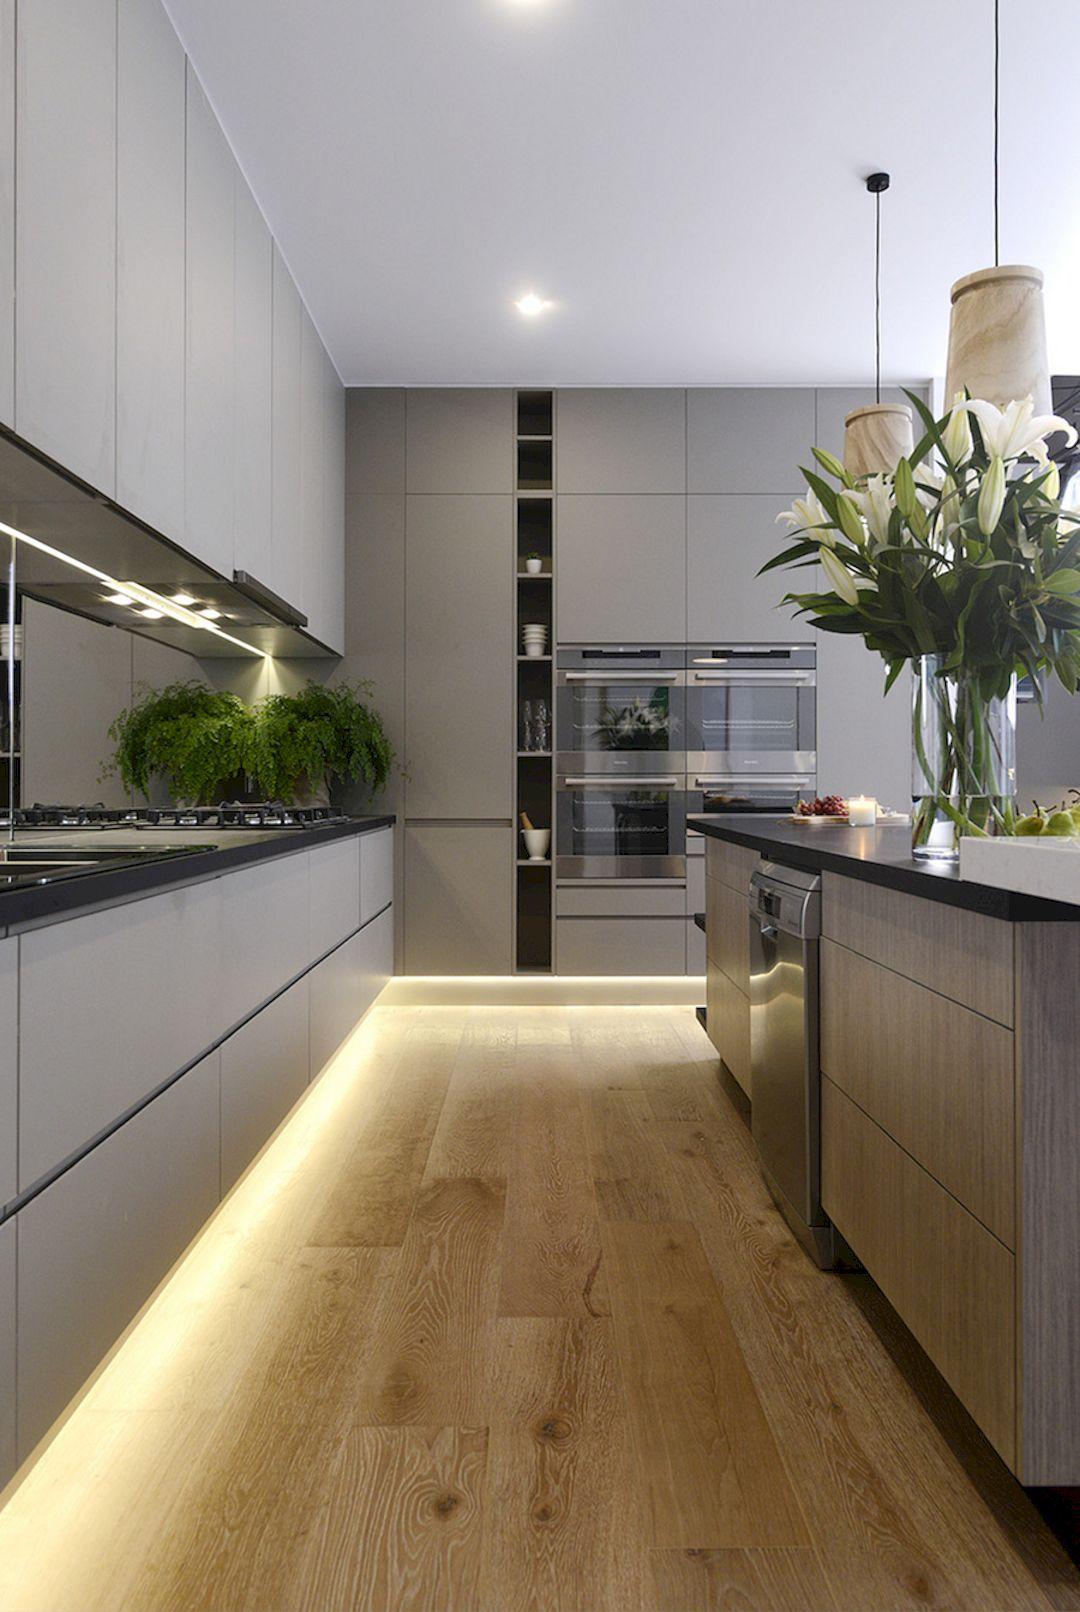 Schön Stylish Modern Kitchen Cabinet: 127 Design Ideas  Https://www.futuristarchitecture.com/20591 Modern Kitchen Cabinet.html